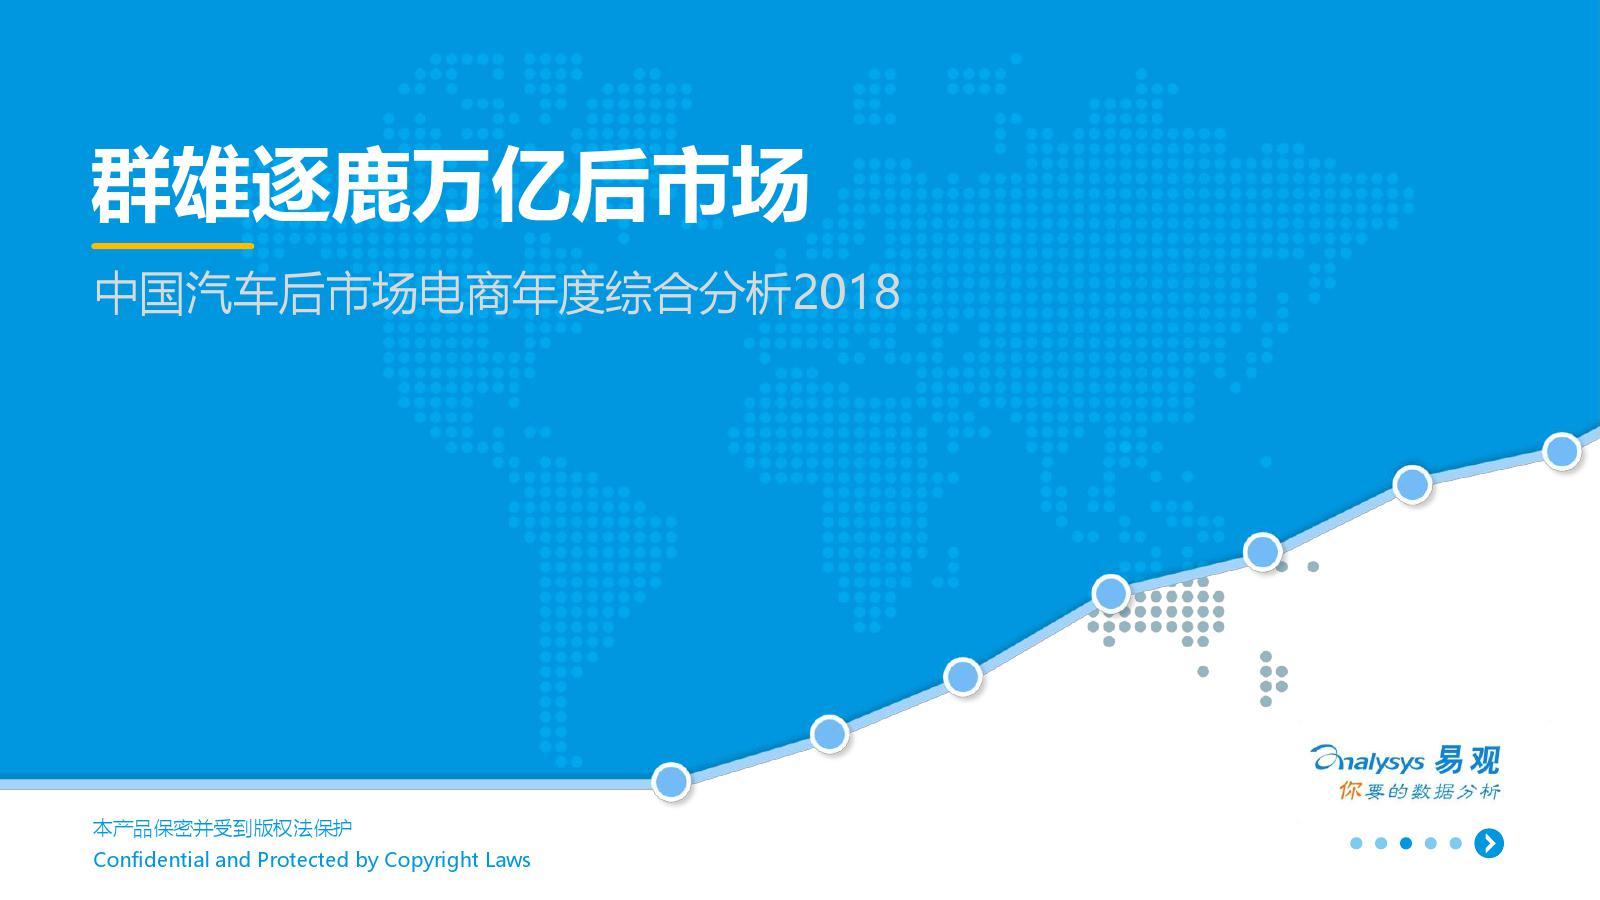 易观:2018中国汽车后市场电商年度综合分析(附下载)